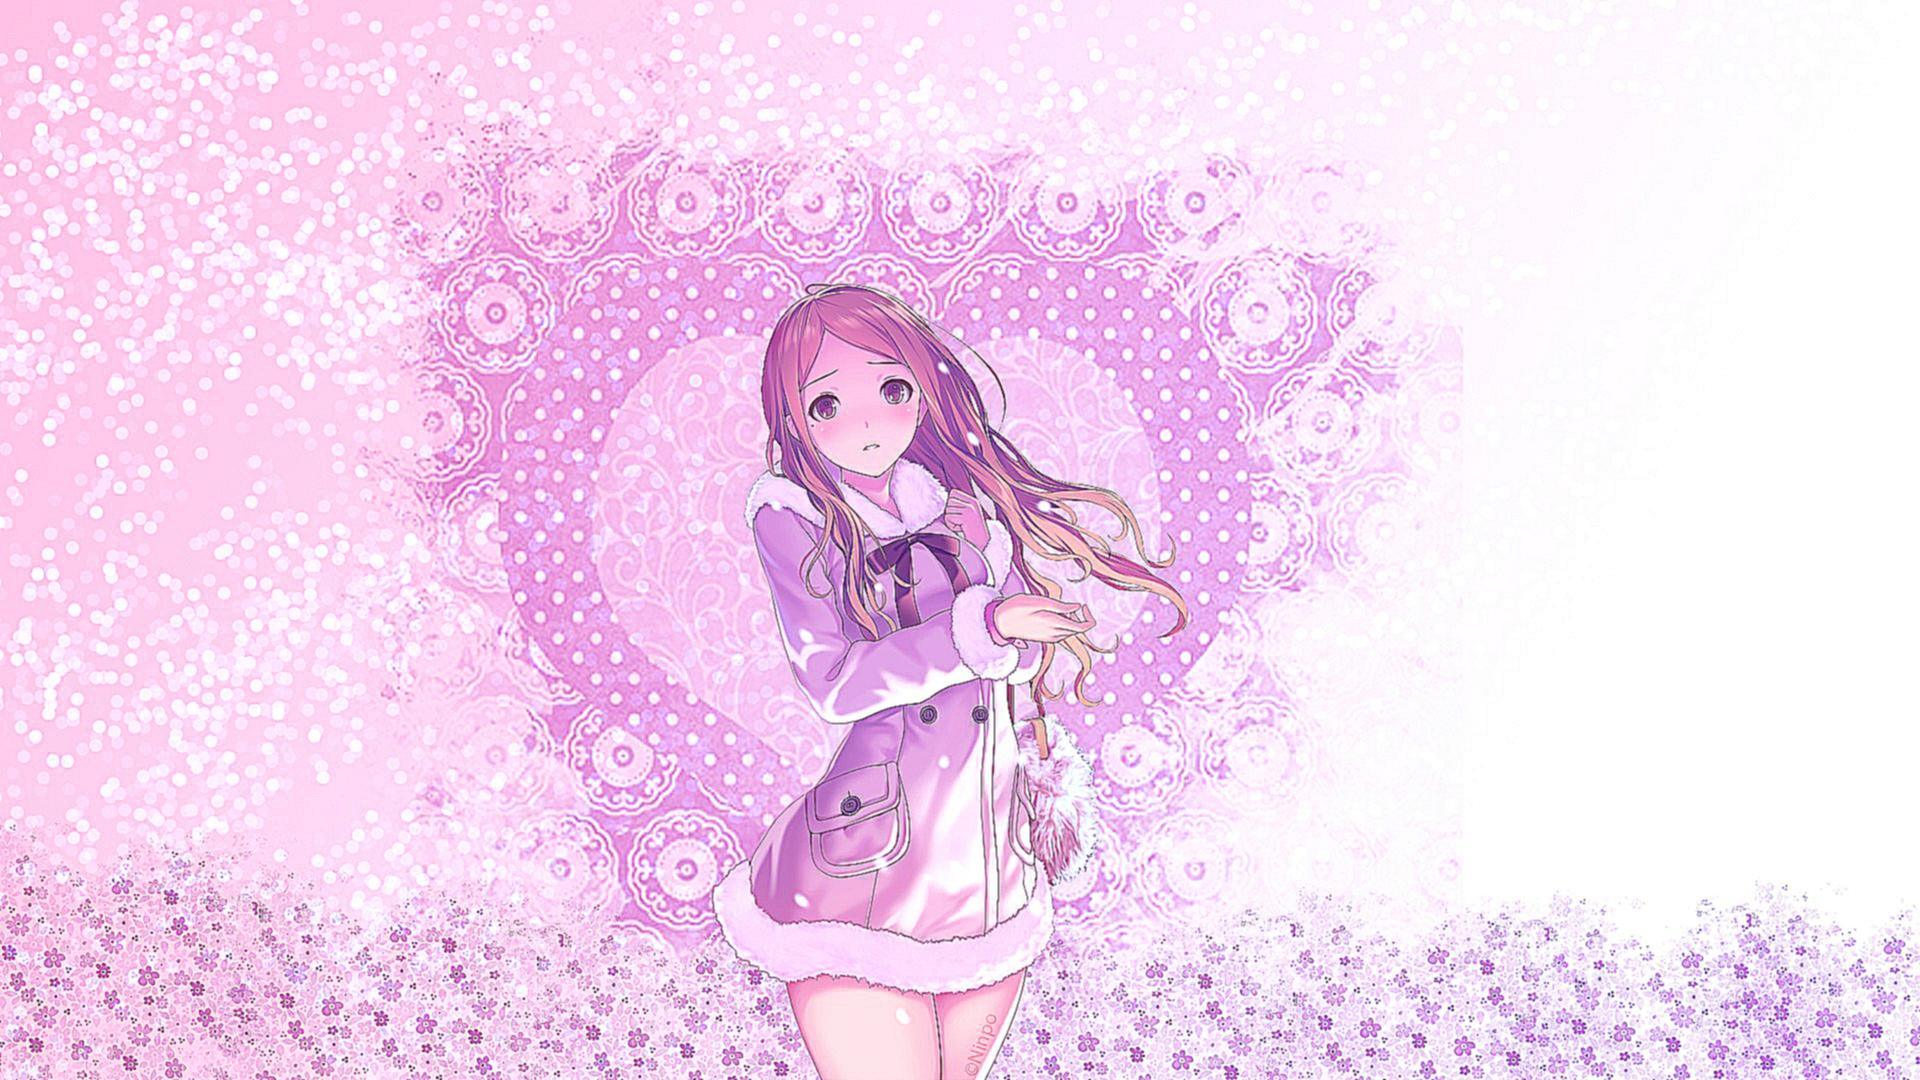 pink fur wallpaper   5 items 1920x1080